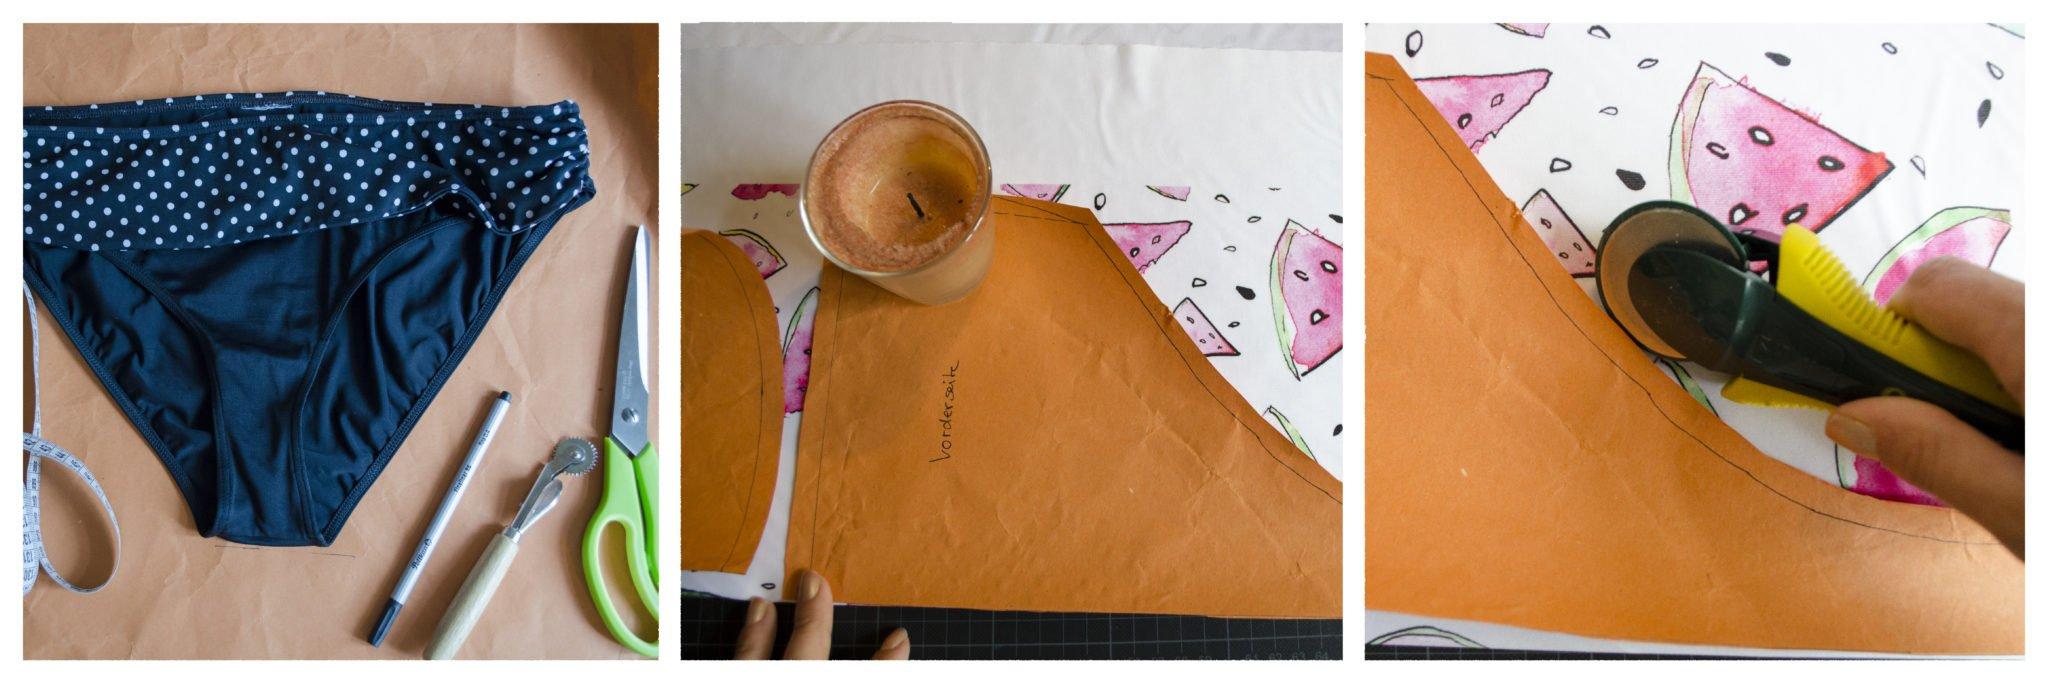 Schritt 1 Bikini Schnitt abnehmen und Stoff ausschneiden